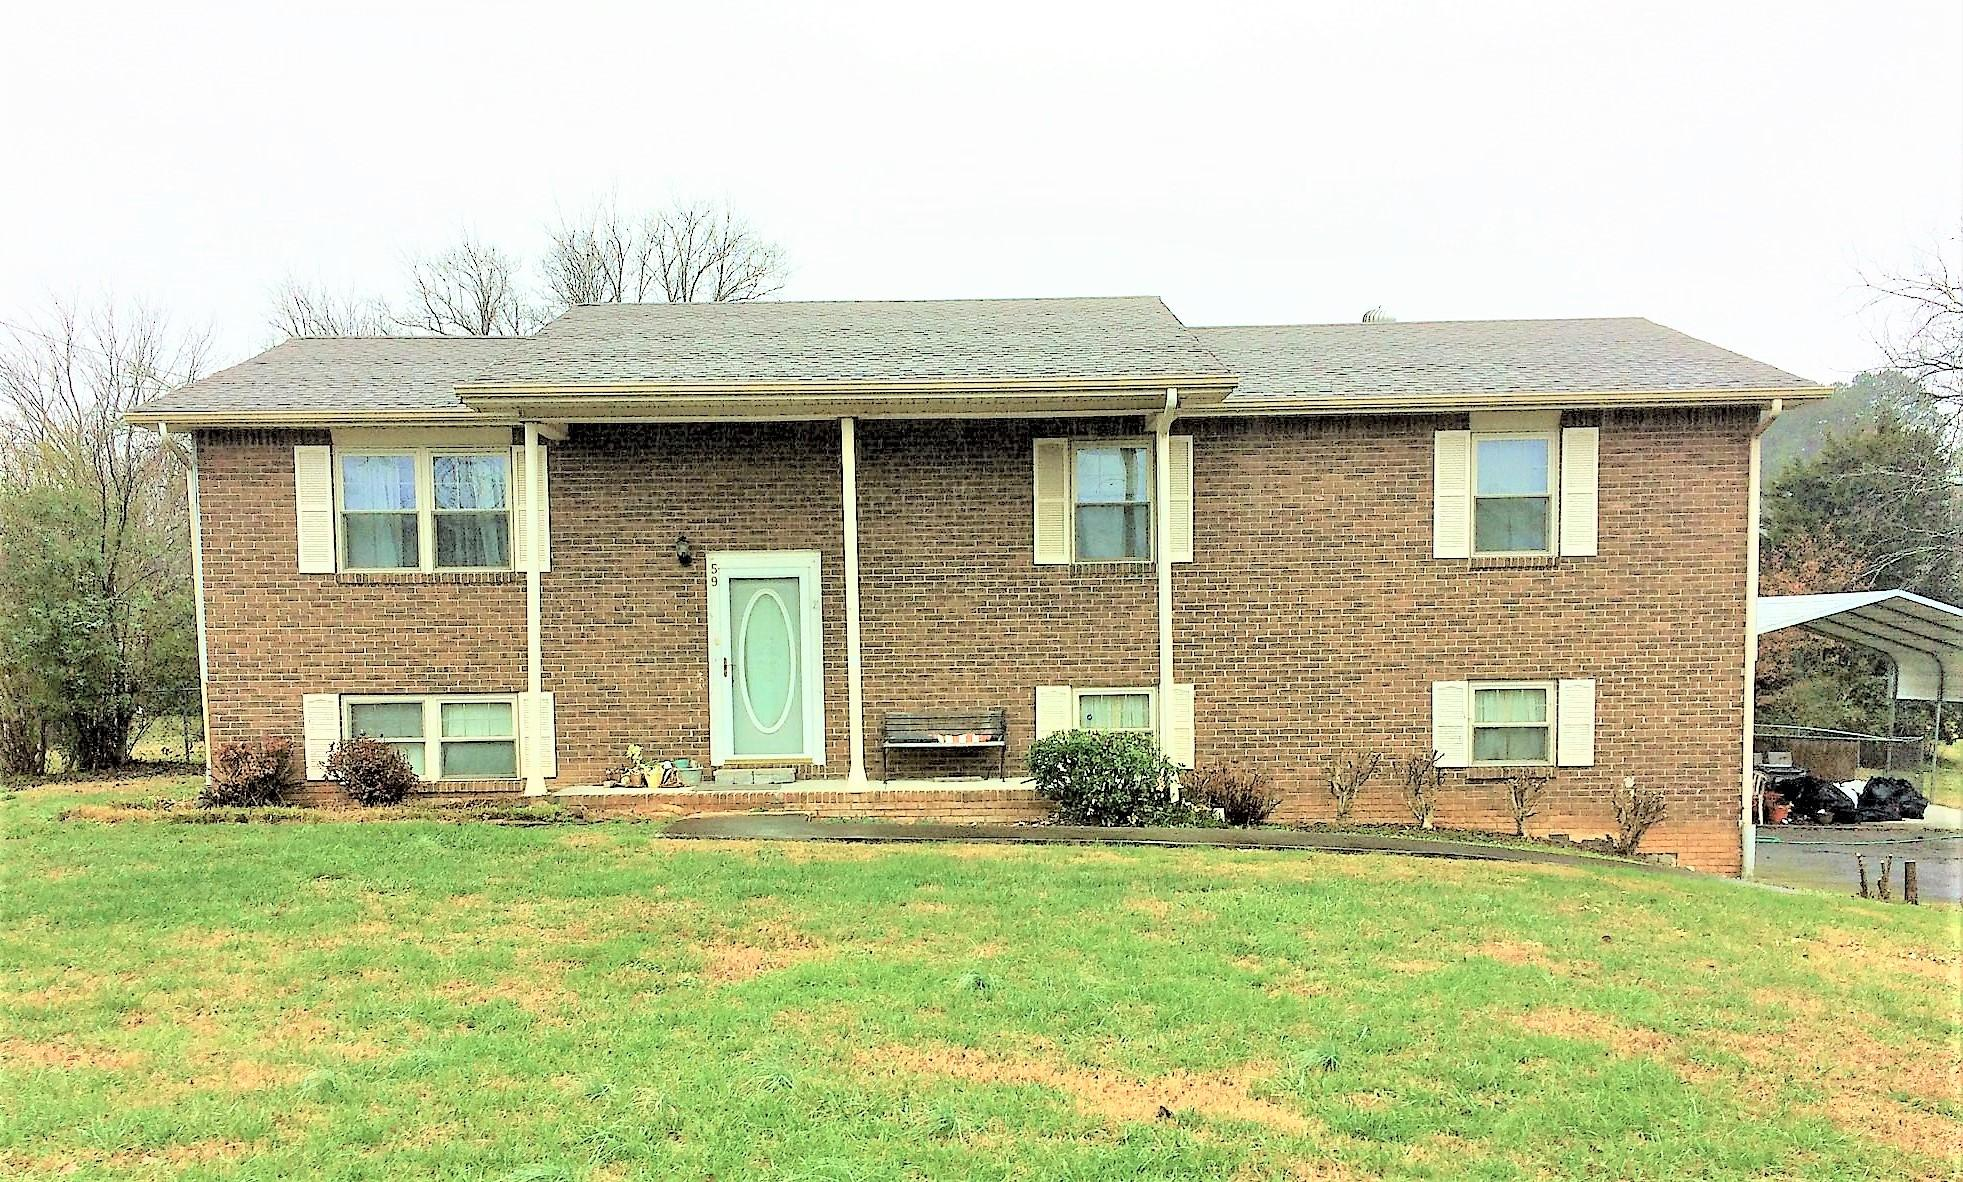 59 Tarvin Rd, Chickamauga, GA 30707